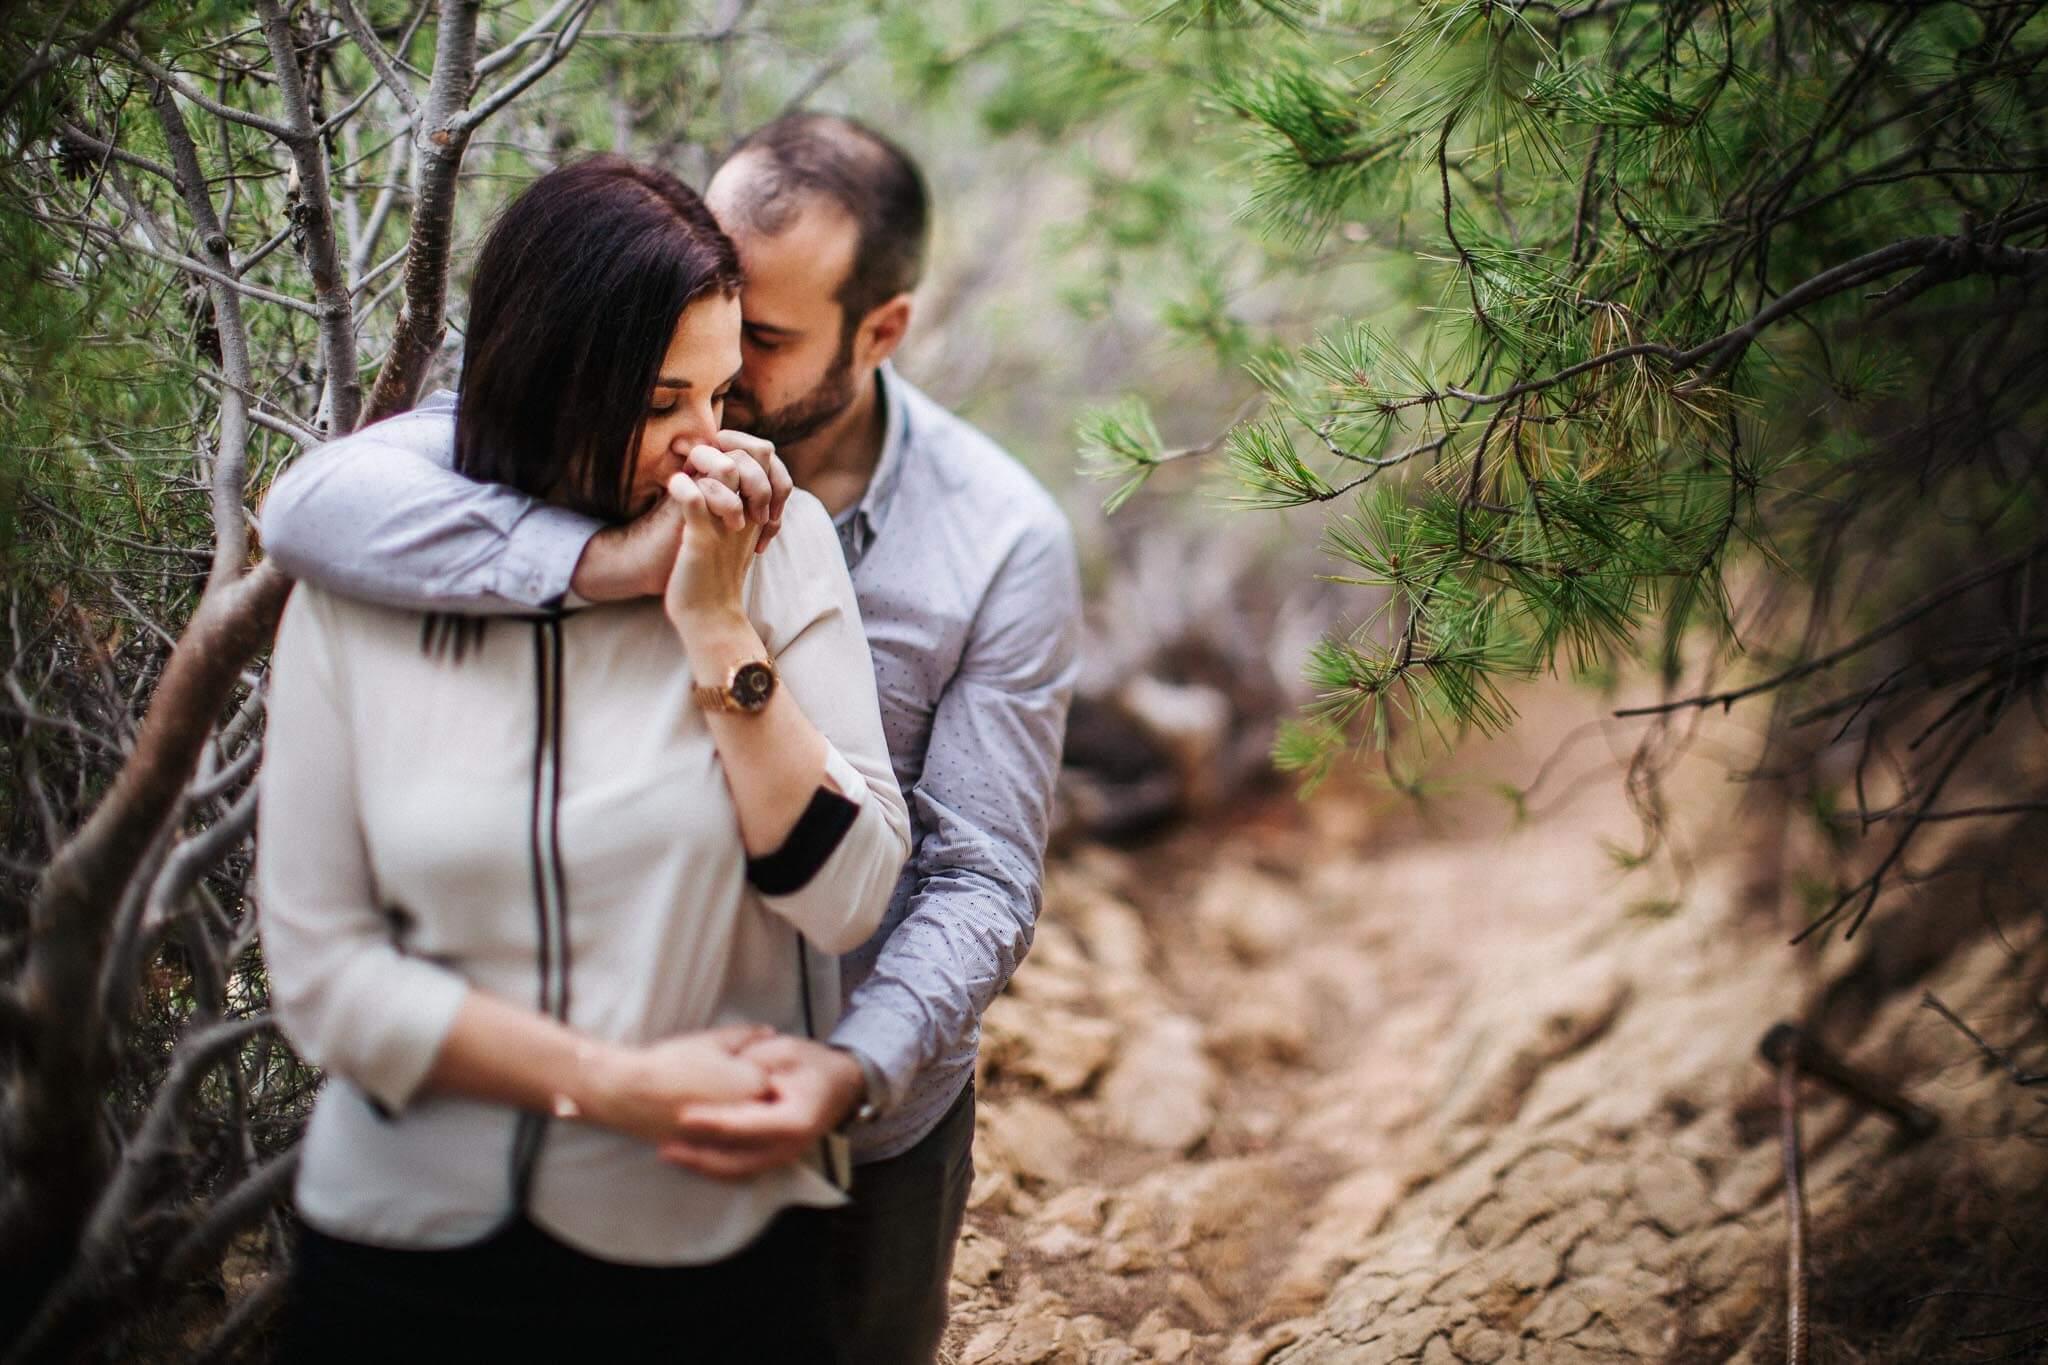 faire-poser-un-couple-et-obtenir-des-photos-tres-naturelles-003